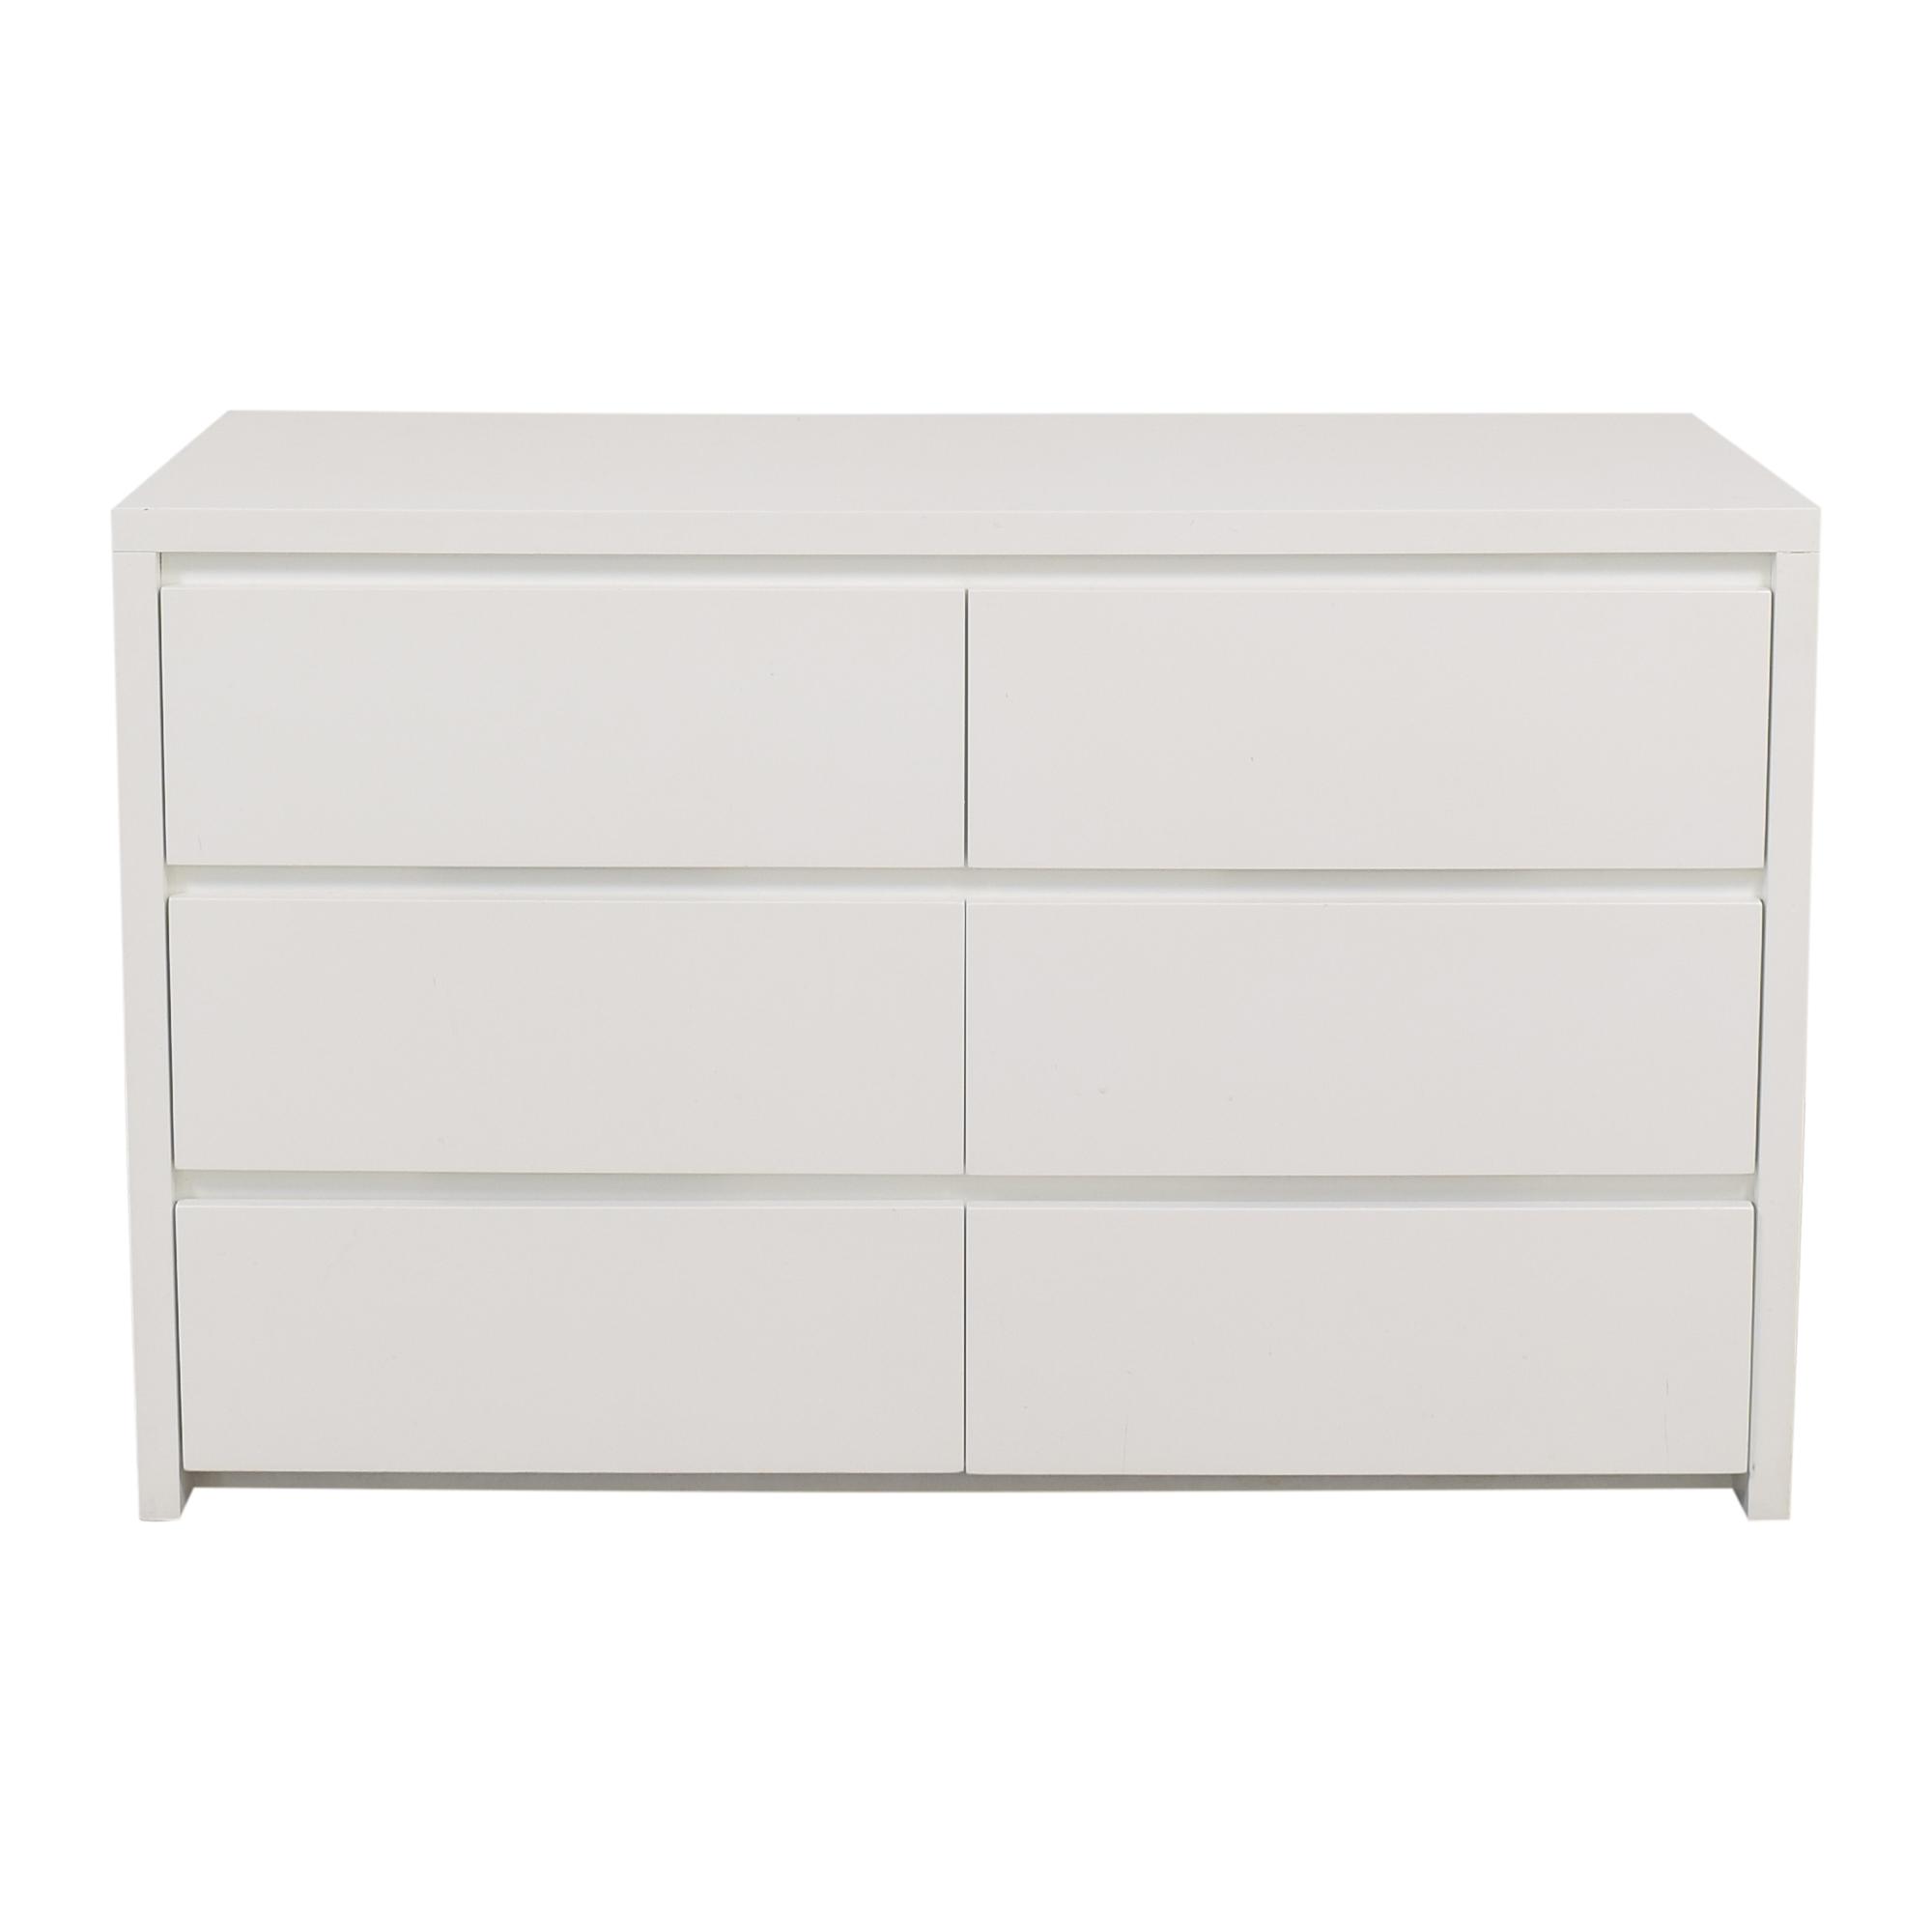 Urbangreen Furniture Urbangreen Six Drawer Urban Basics Dresser on sale